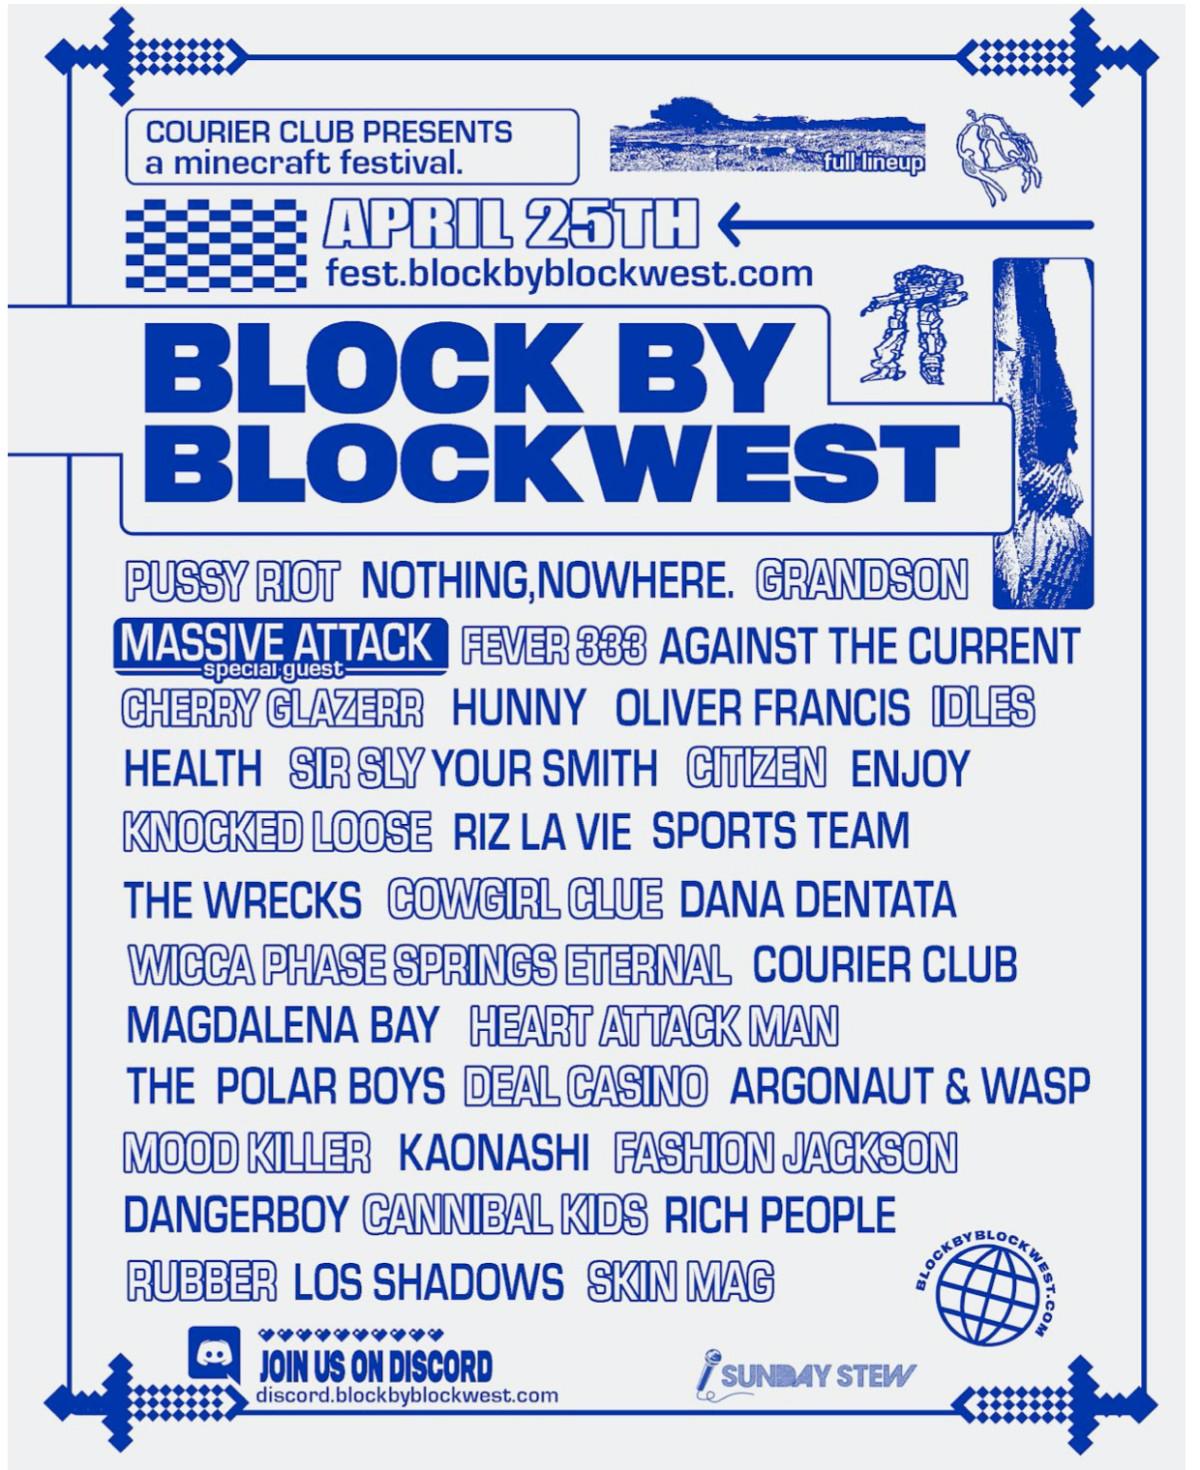 Block by Block West festival